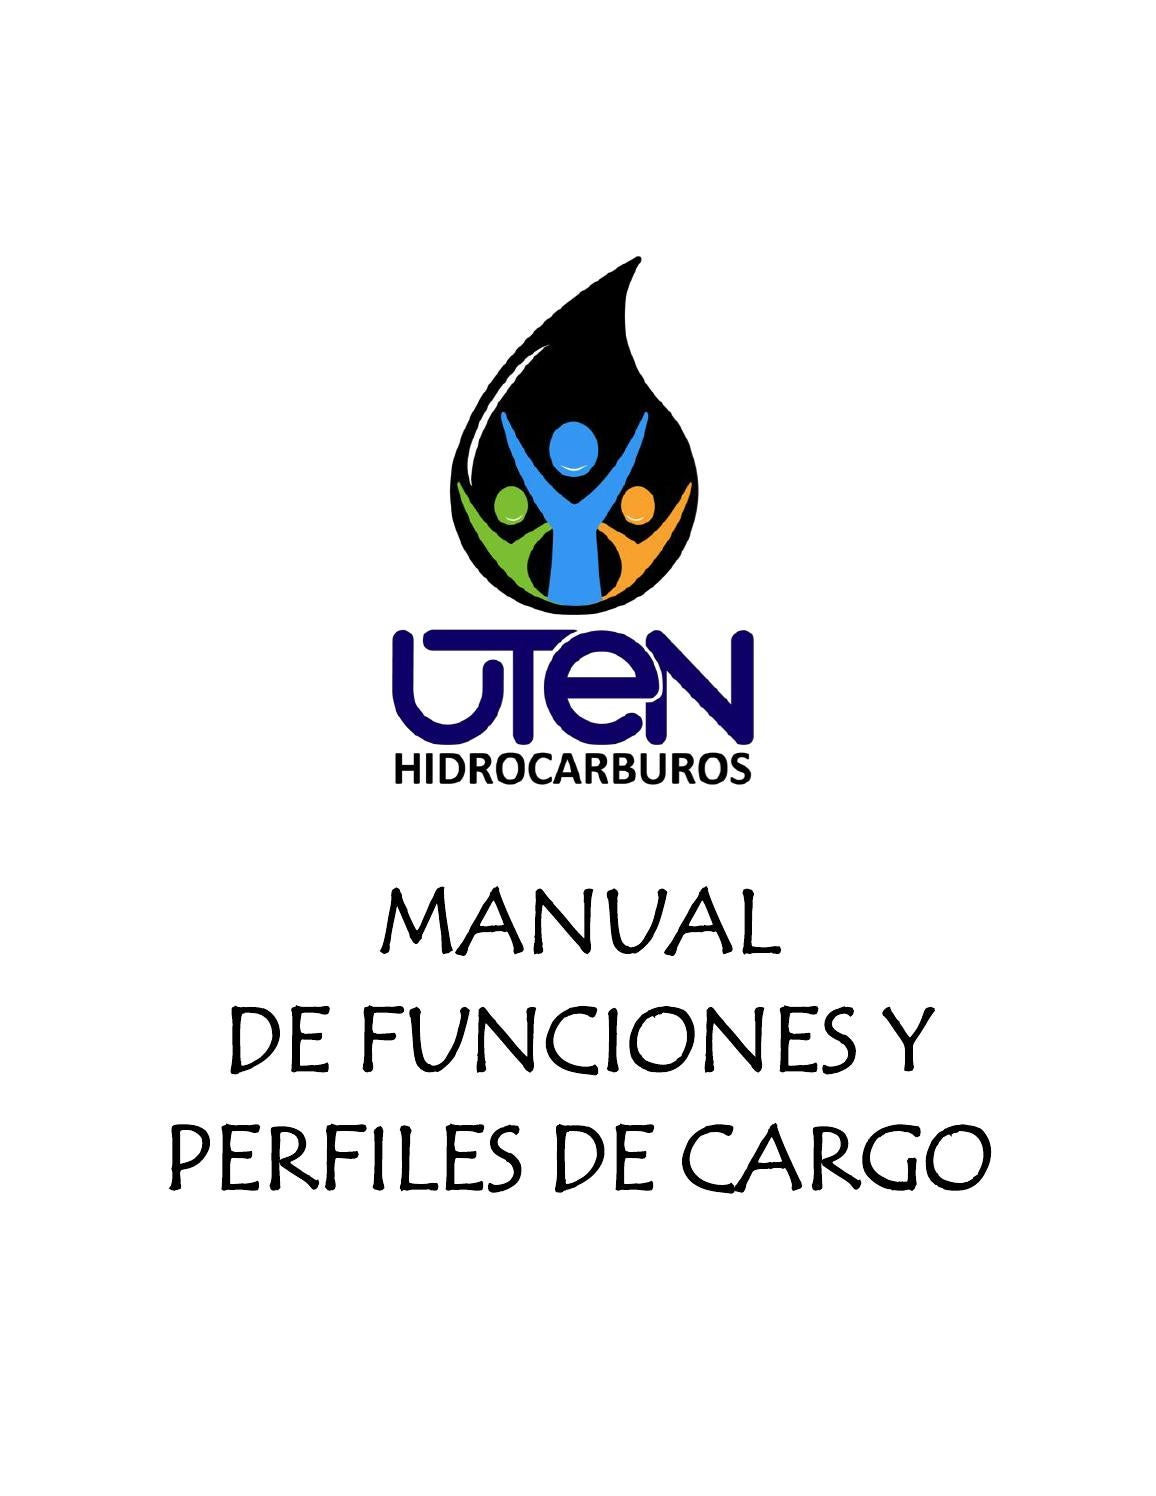 Manual de funciones y perfiles de cargo UTEN hidrocarburos